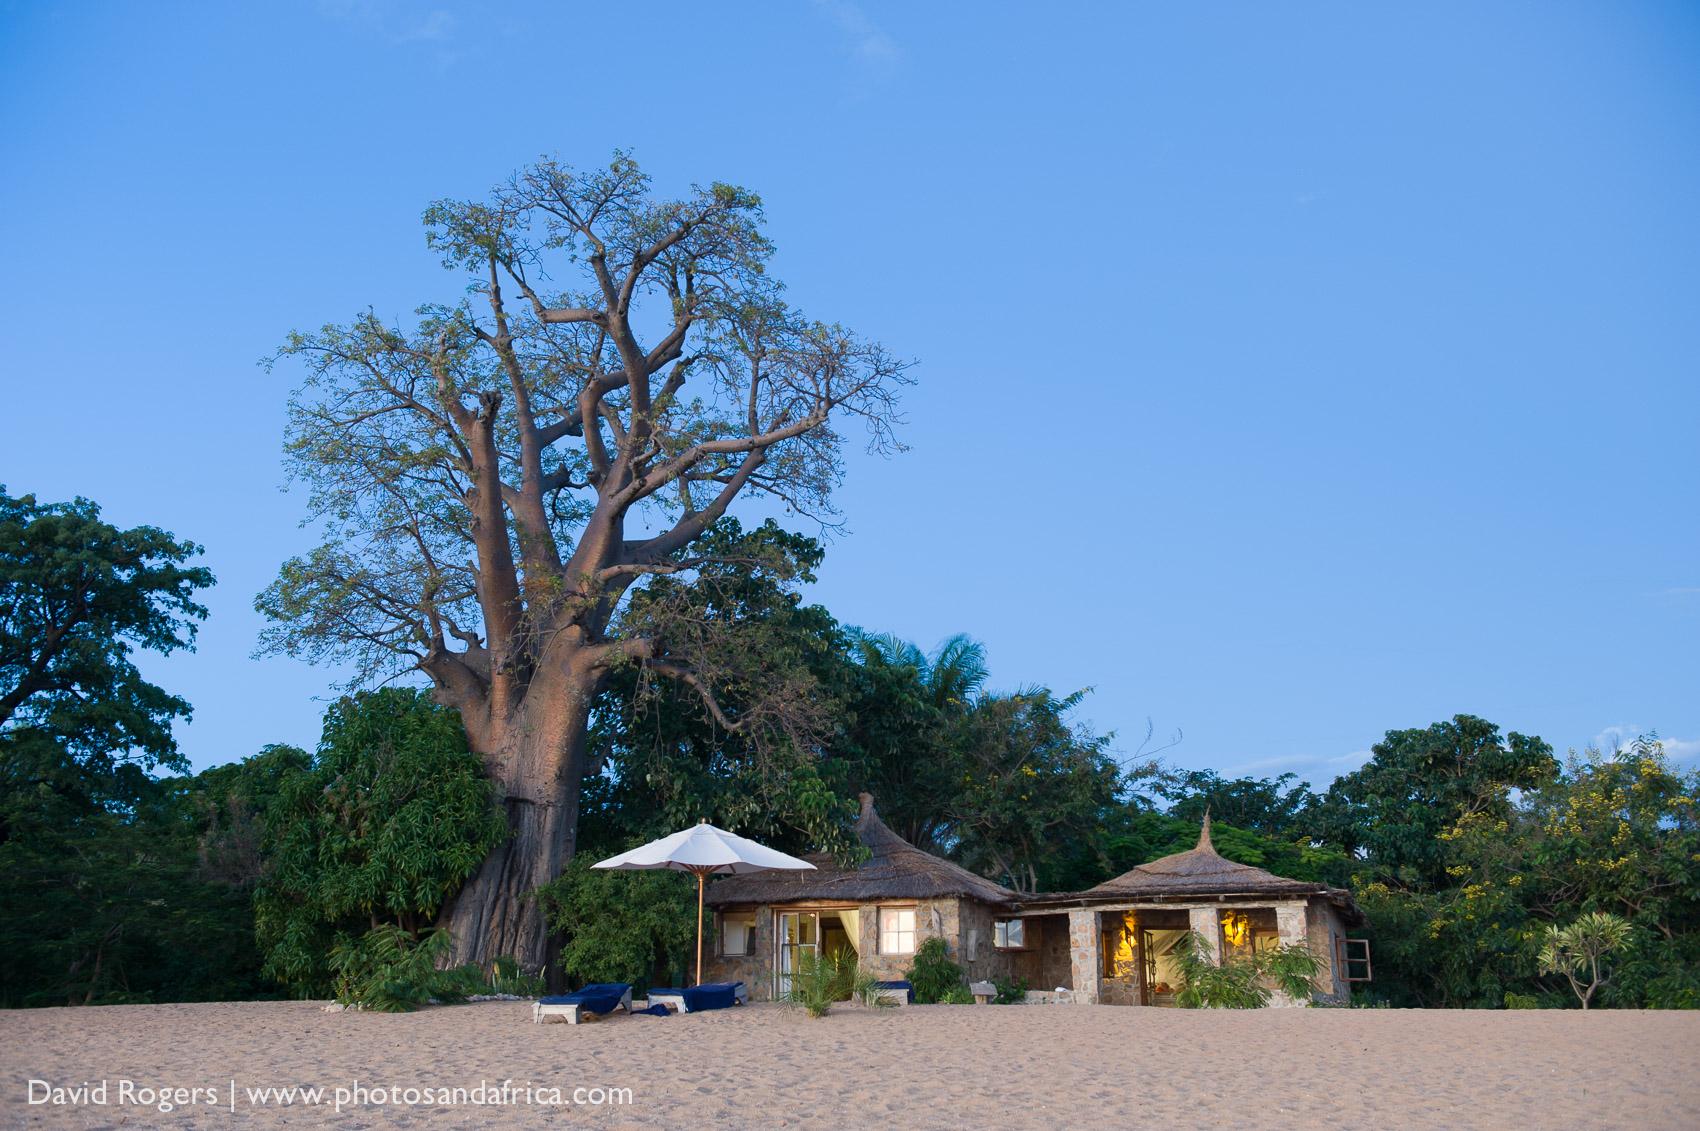 Kaya Mawa, Malawi